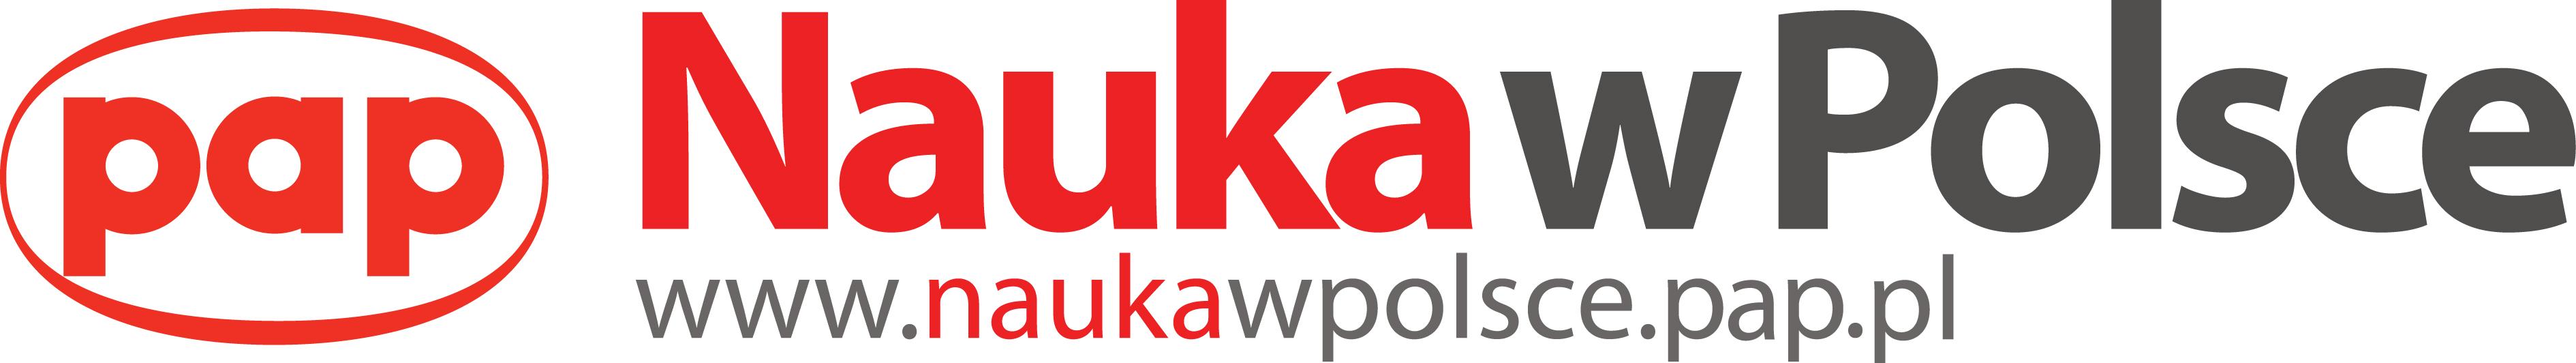 Nauka w Polsce